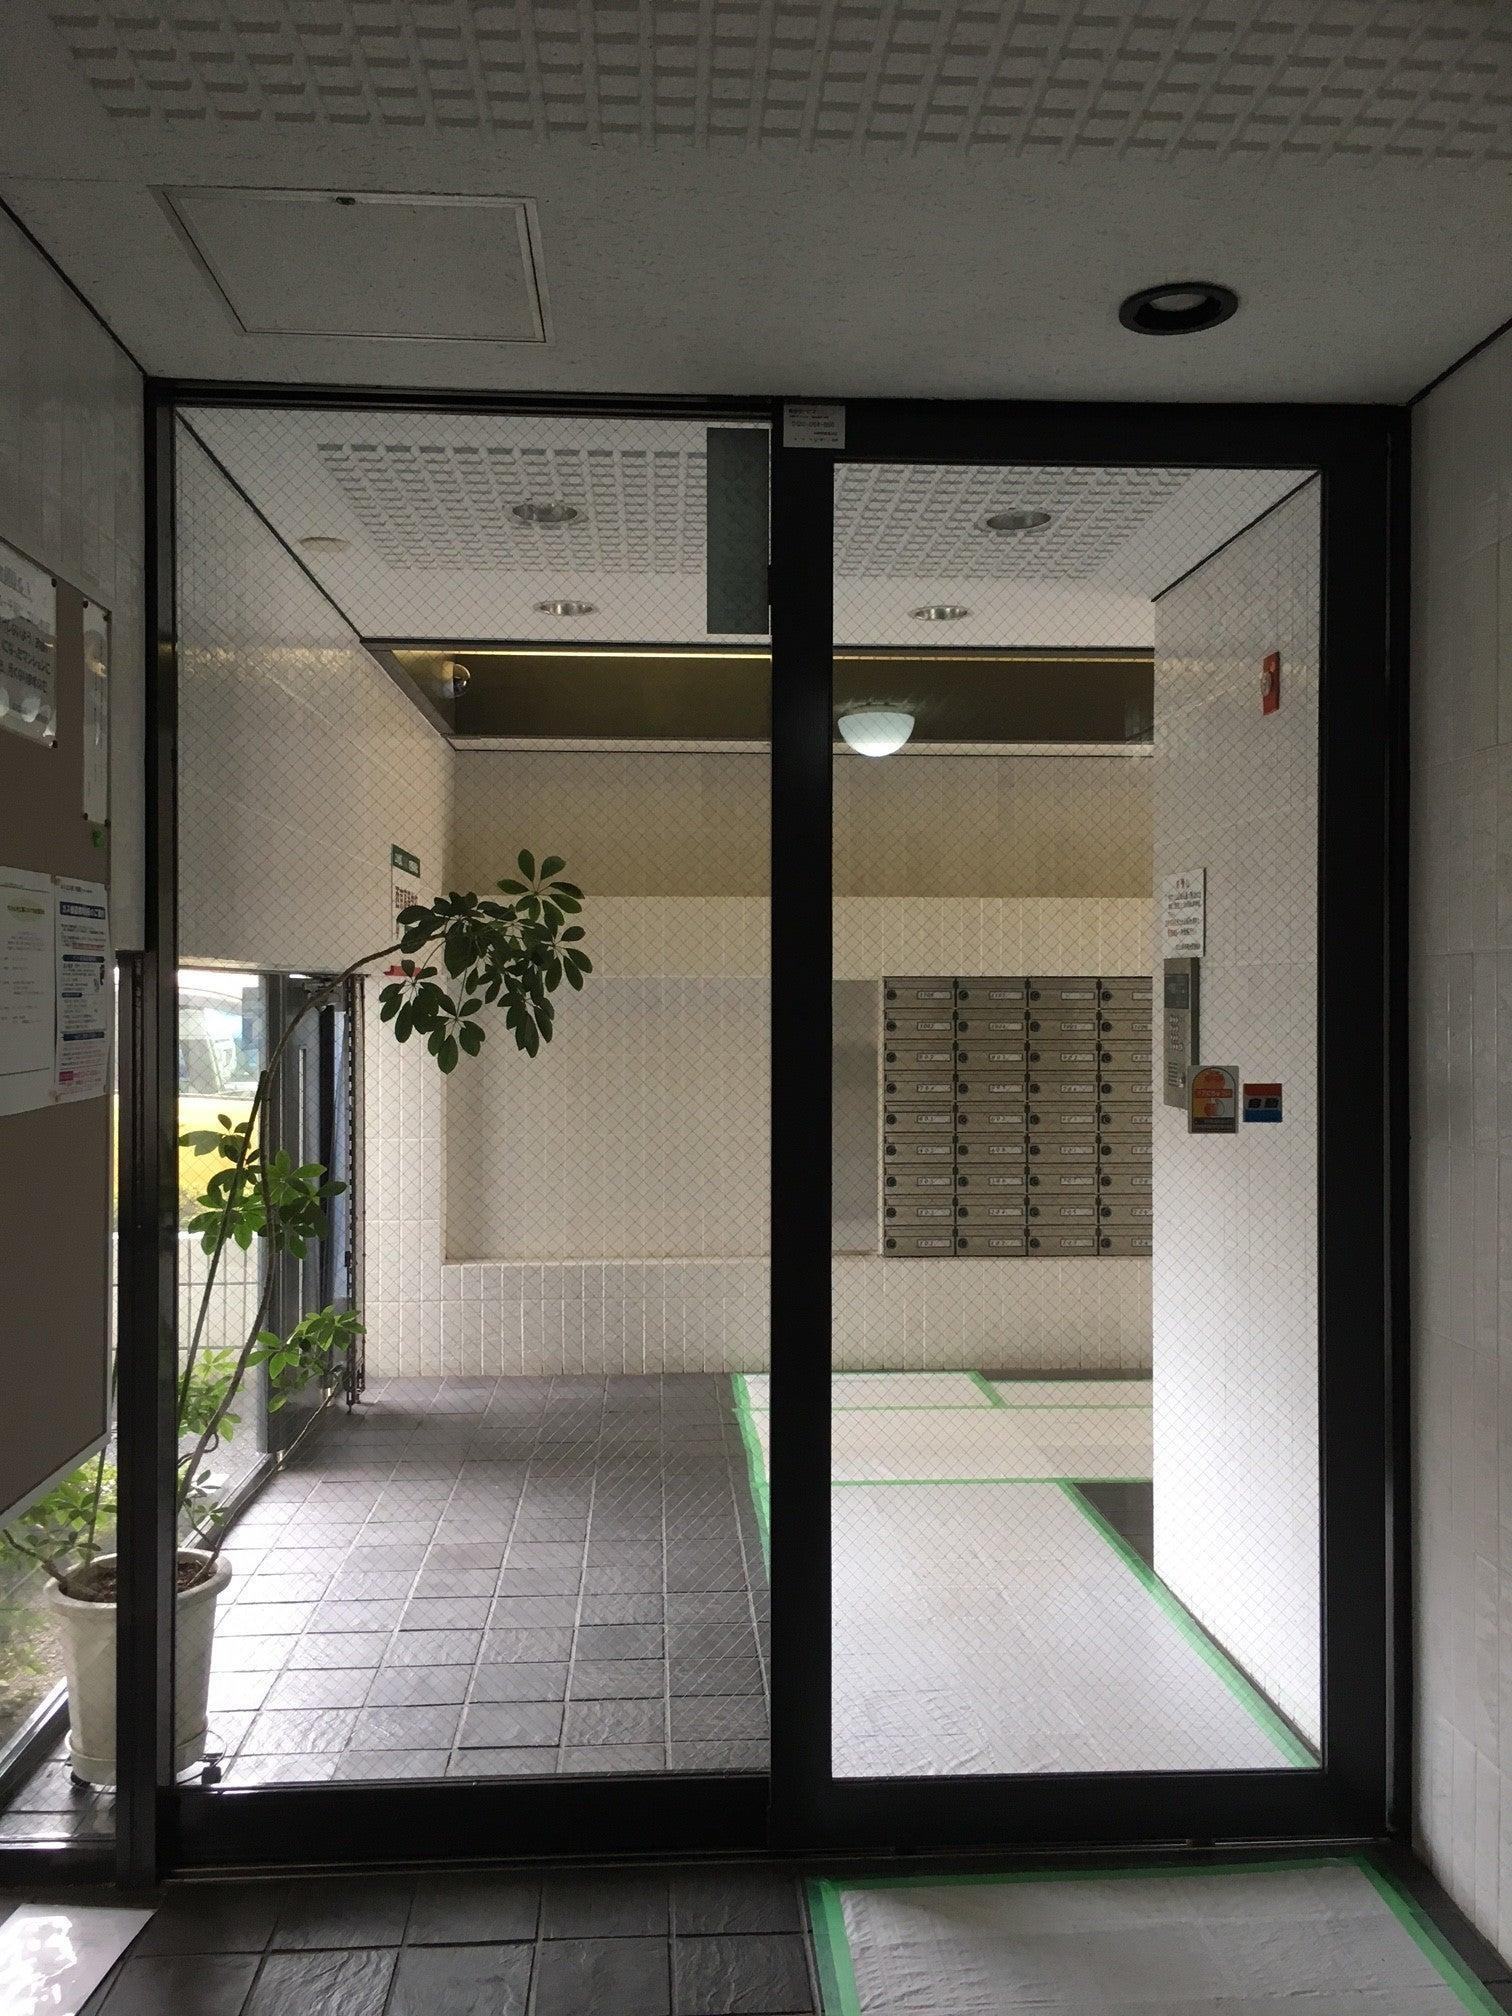 サニーのてっちゃんのブログ京都市 某マンションエントランス自動ドア取替工事